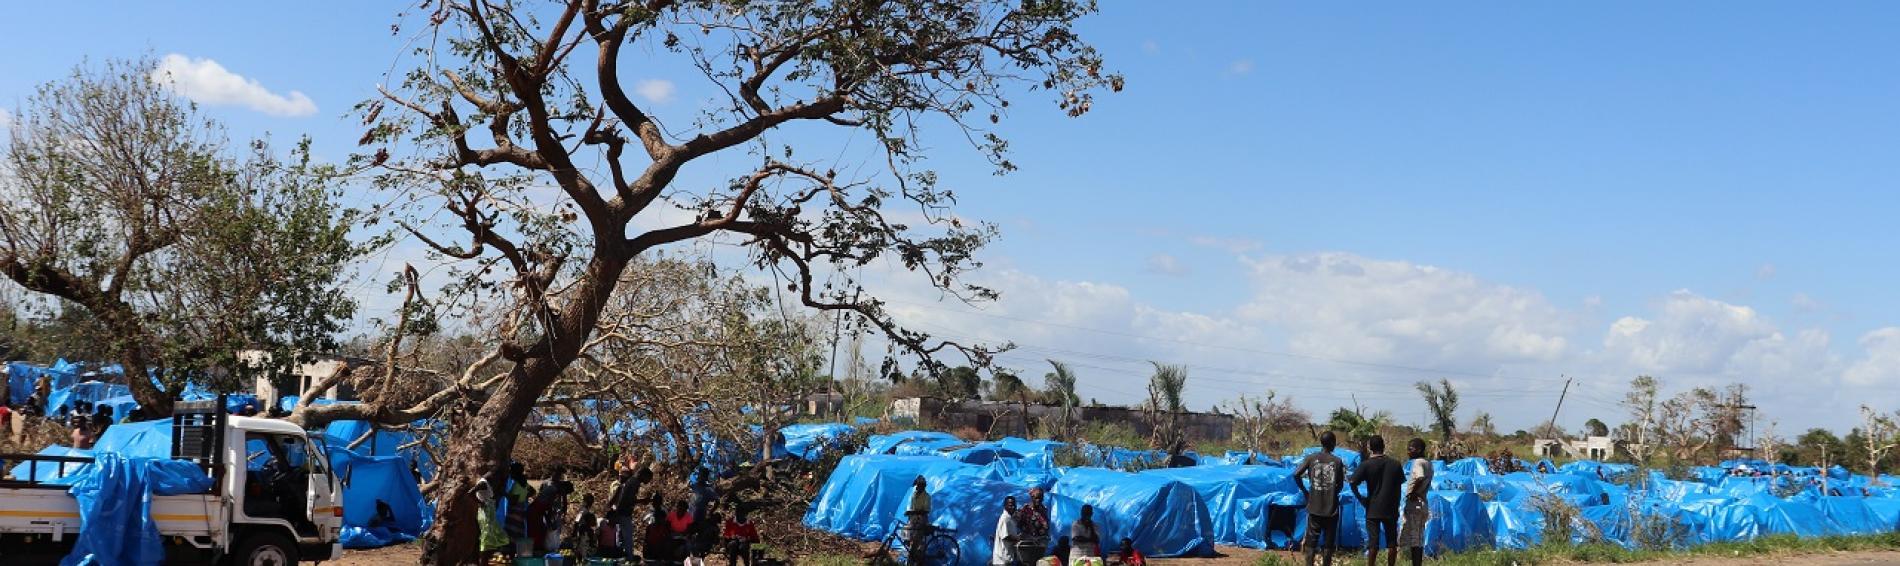 Vista del centro de personas desplazadas John Segredo